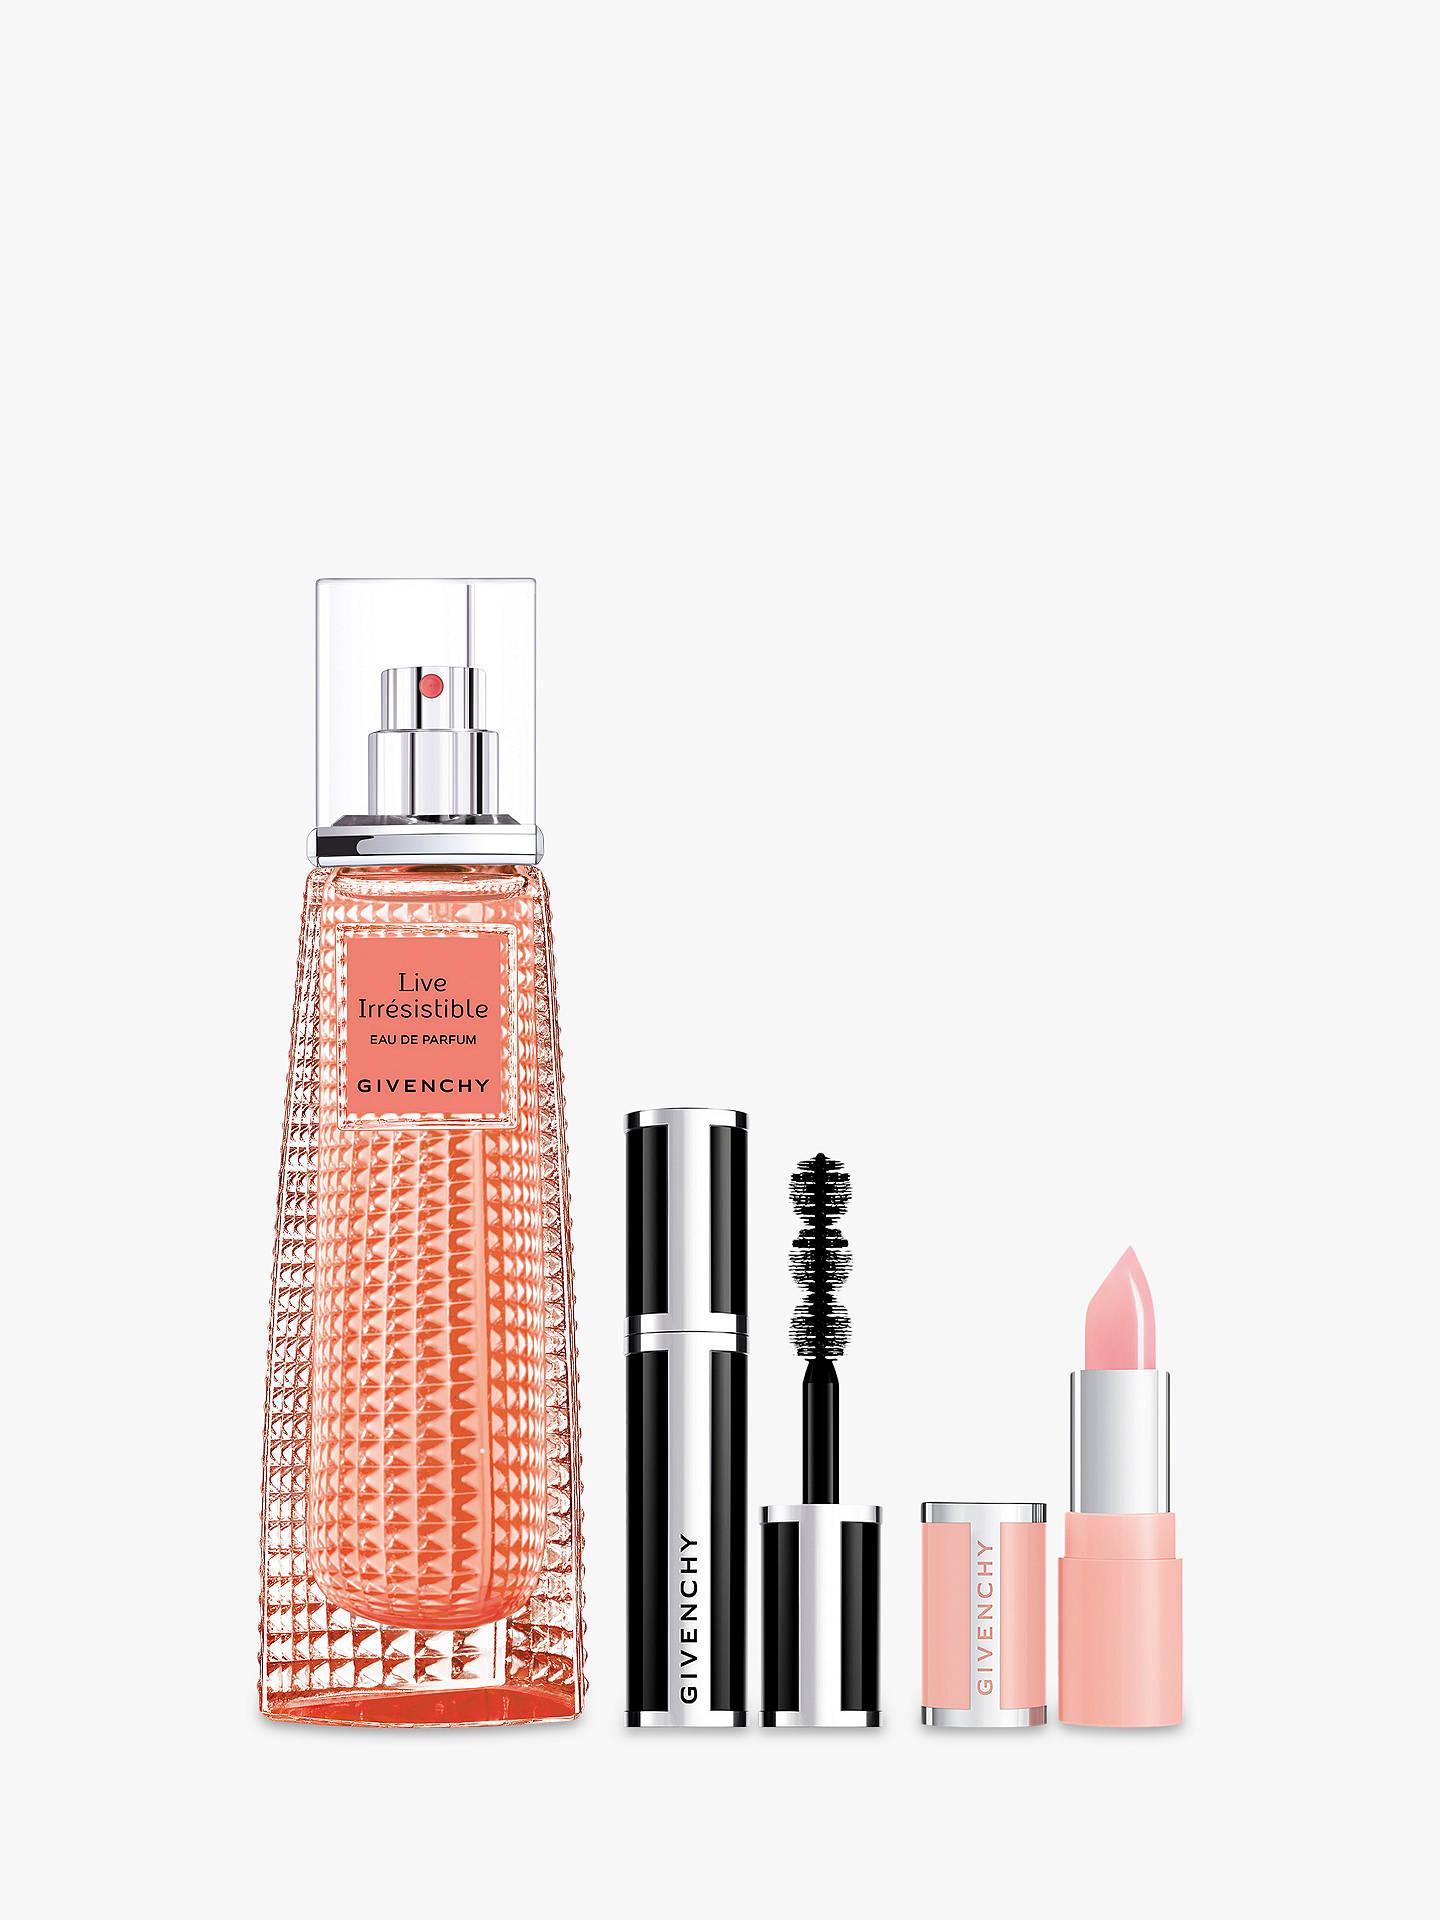 35565fc16c Buy Givenchy Live Irrésistible Eau de Parfum 50ml Fragrance Gift Set Online  at johnlewis.com ...